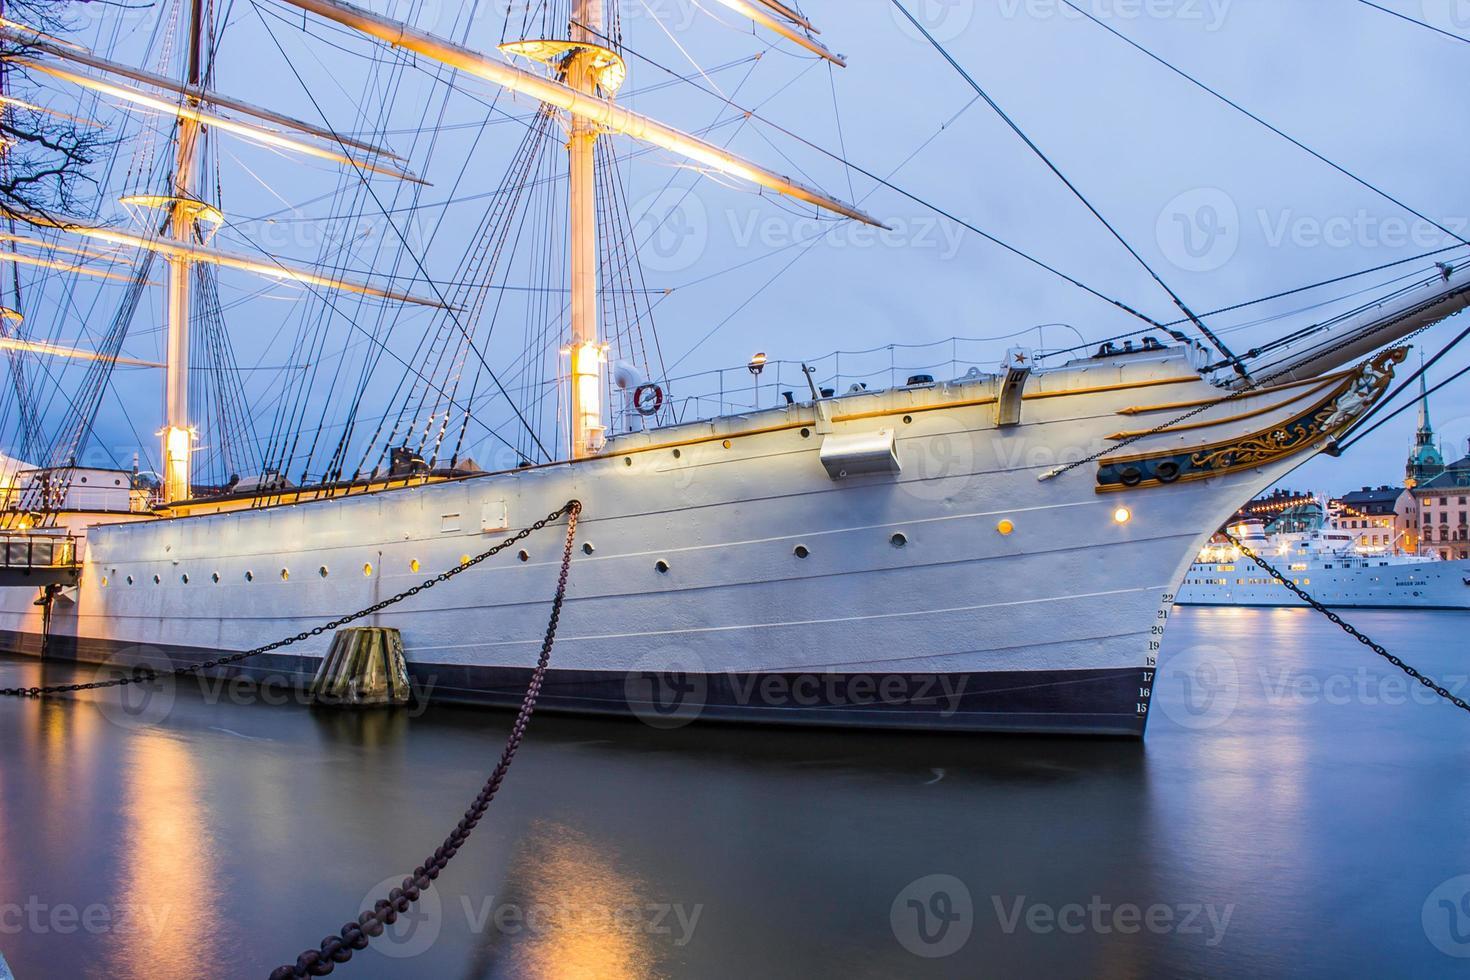 aangemeerd schip foto